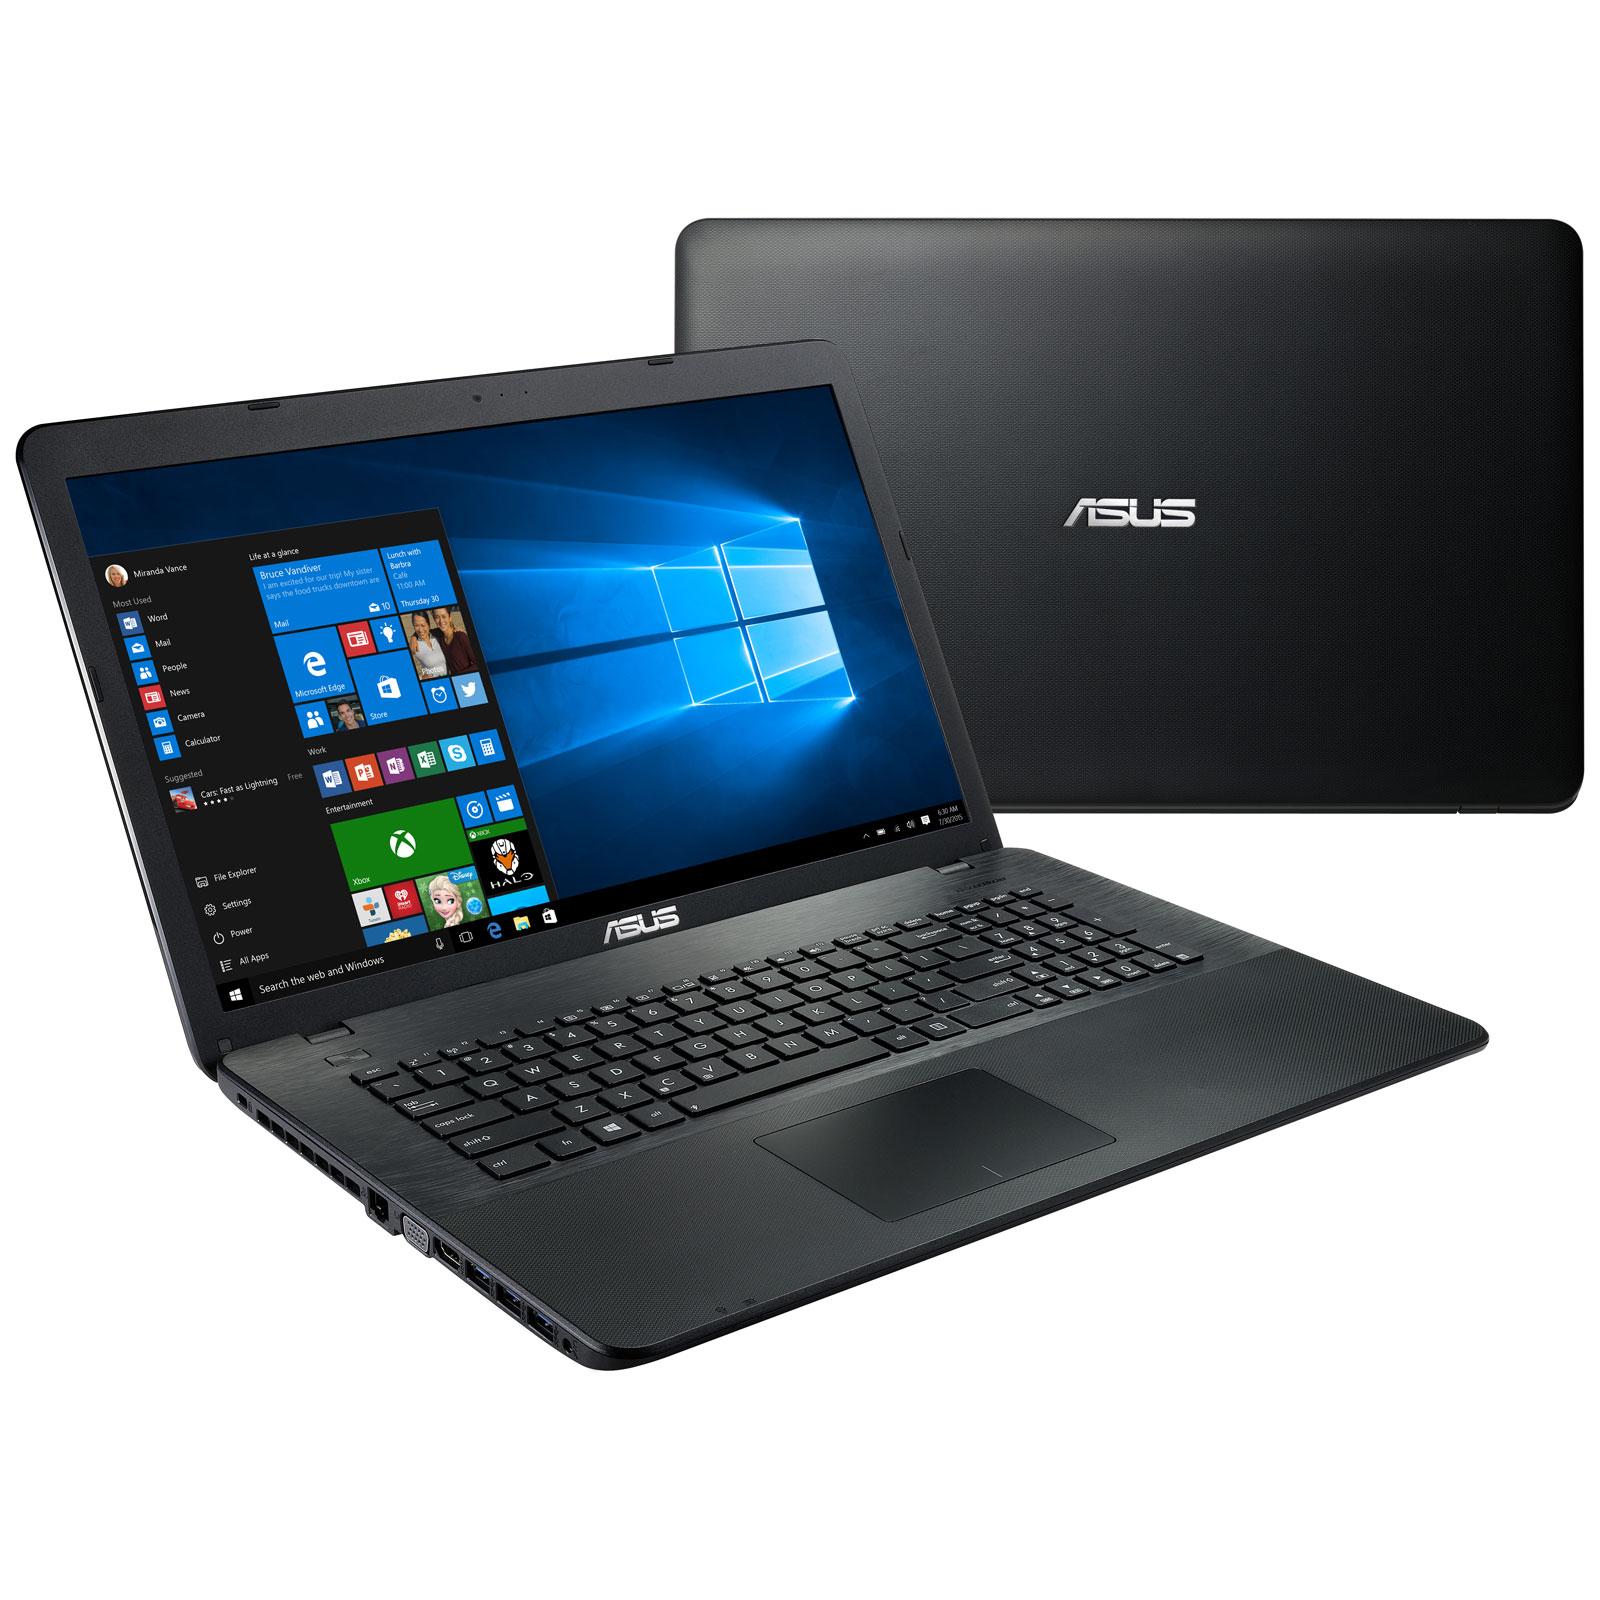 Asus x751lav t4615t noir pc portable asus sur ldlc - Ordinateur portable grand ecran ...